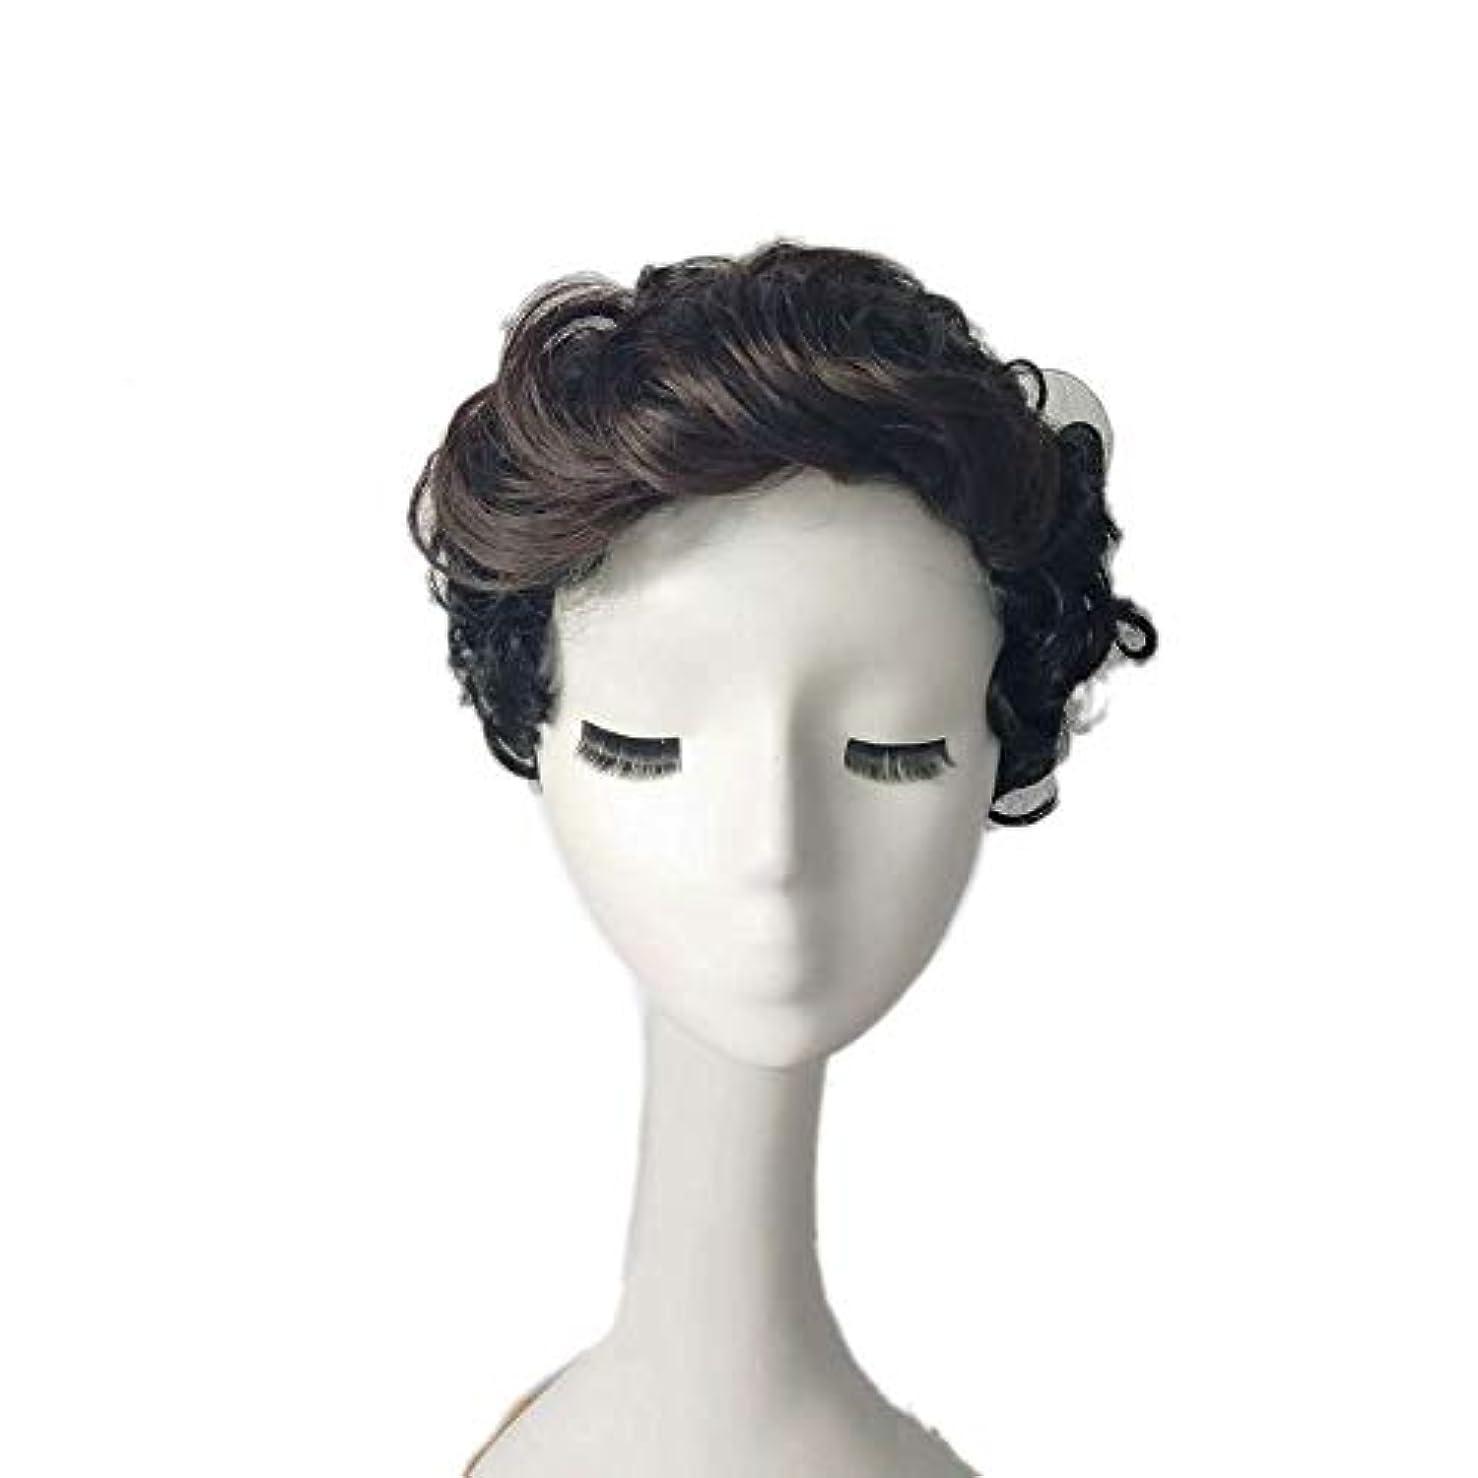 ジョージバーナード移行買い物に行くWASAIO カーリーウェーブ人工毛ショートボブウィッグ女性用スタイル交換用耐熱ファイバー耐熱ファイバー (色 : 黒)